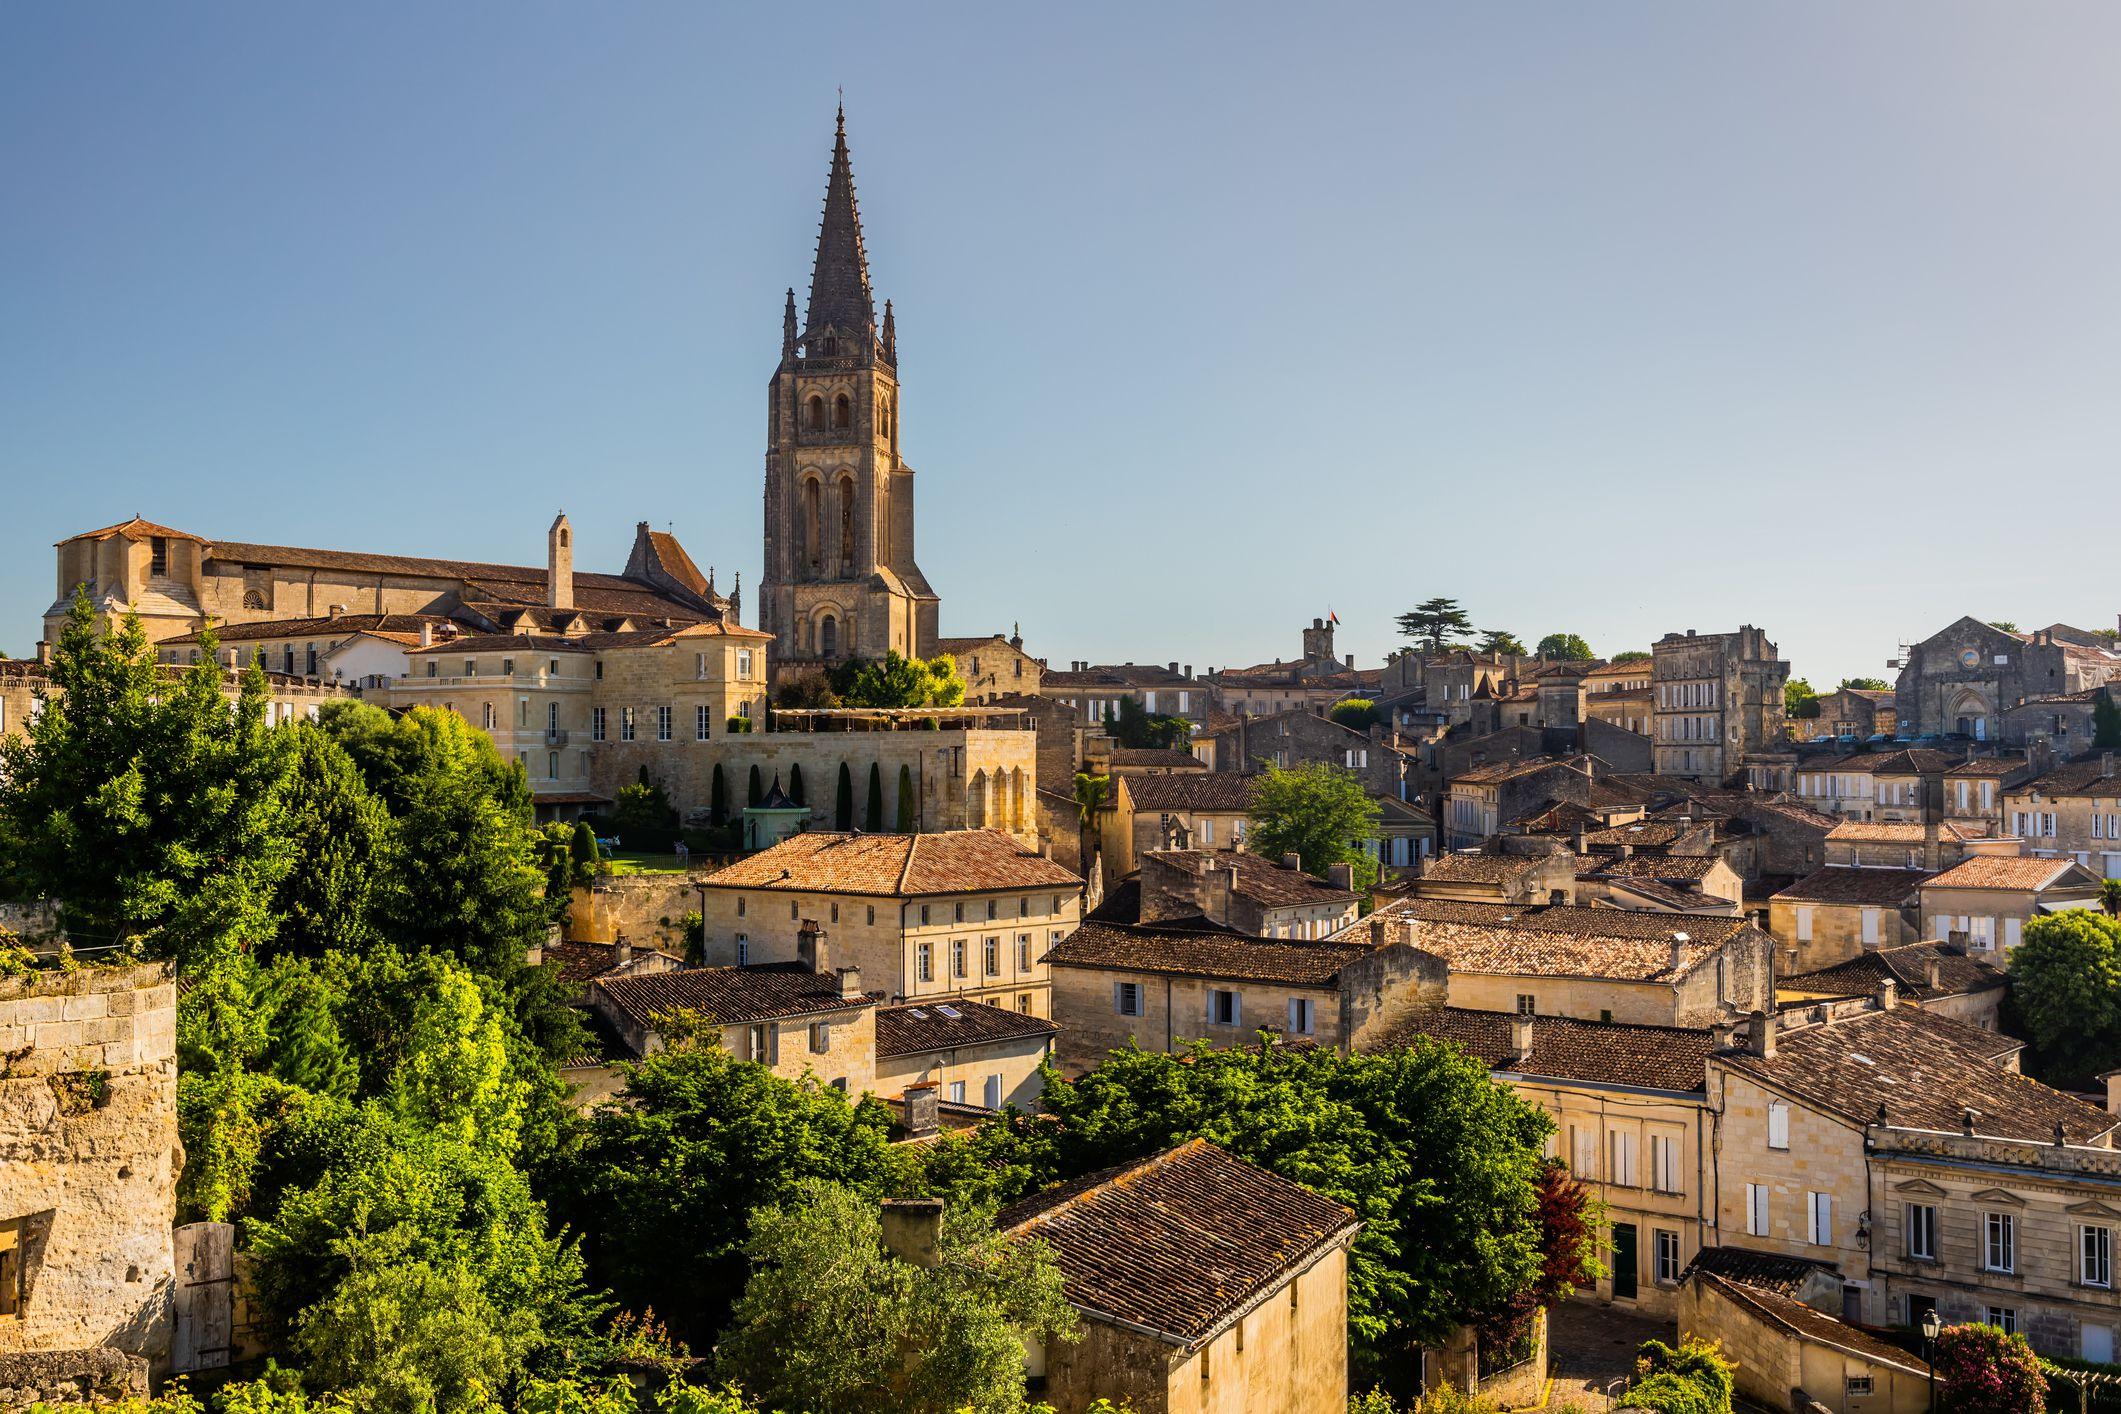 Saint-Emilion Monolithic Church and old town. Bordeaux, France